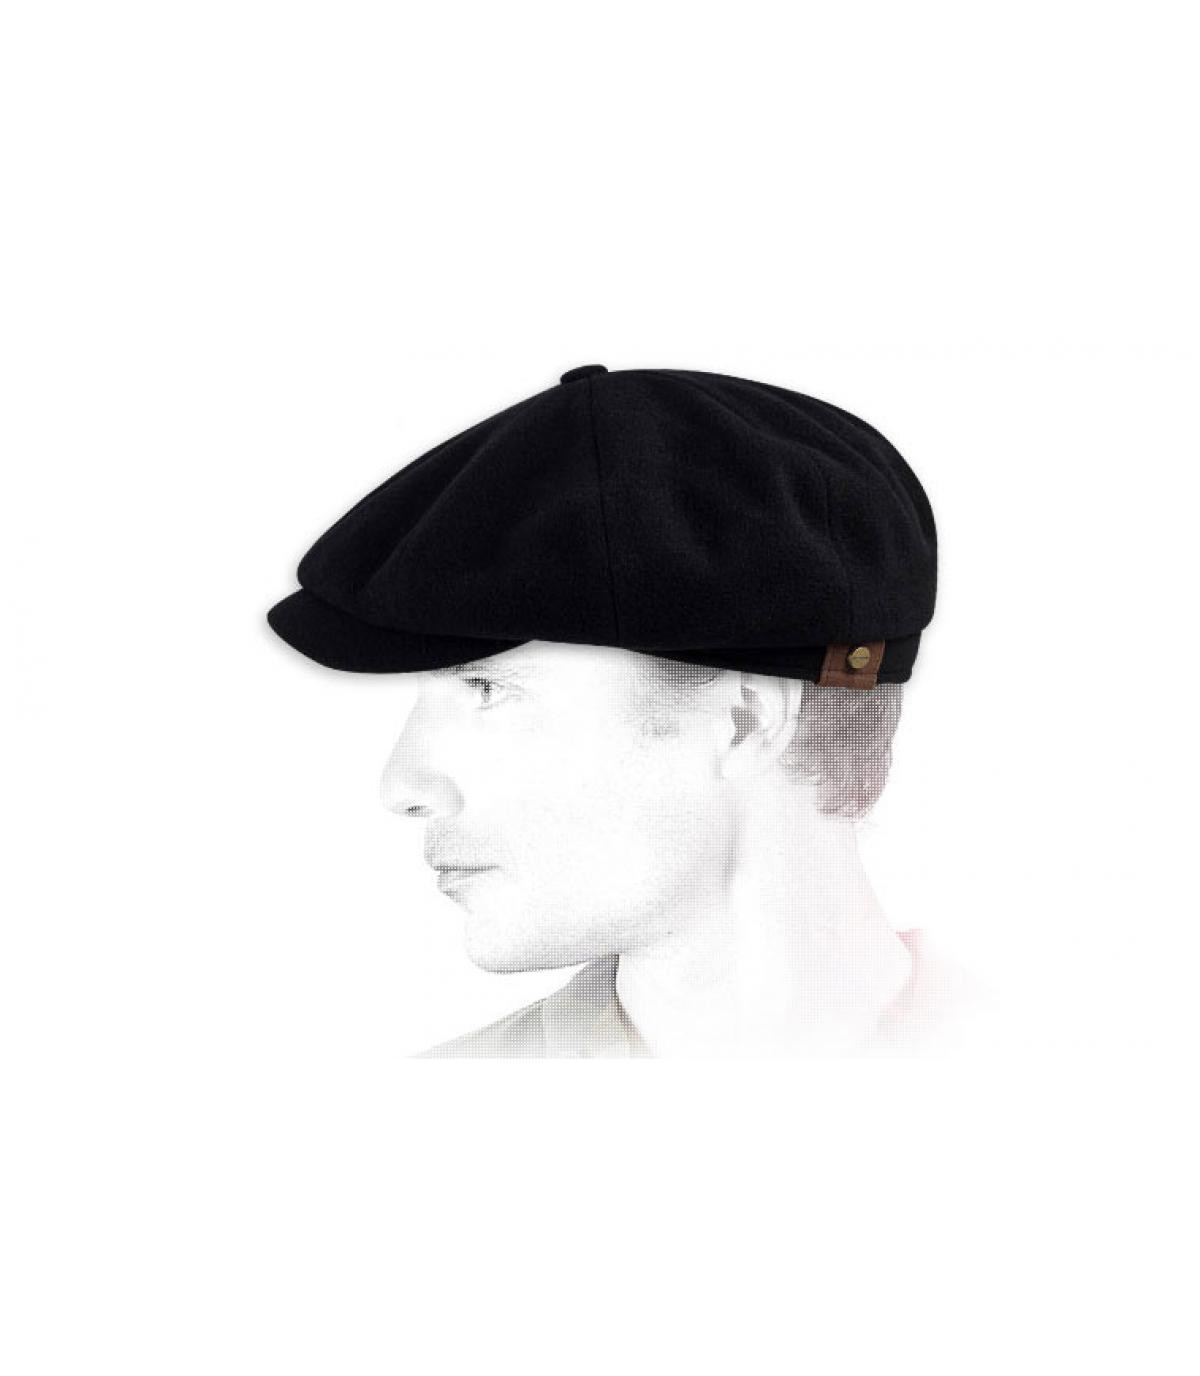 Détails Hatteras noire wool/cashmere - image 3